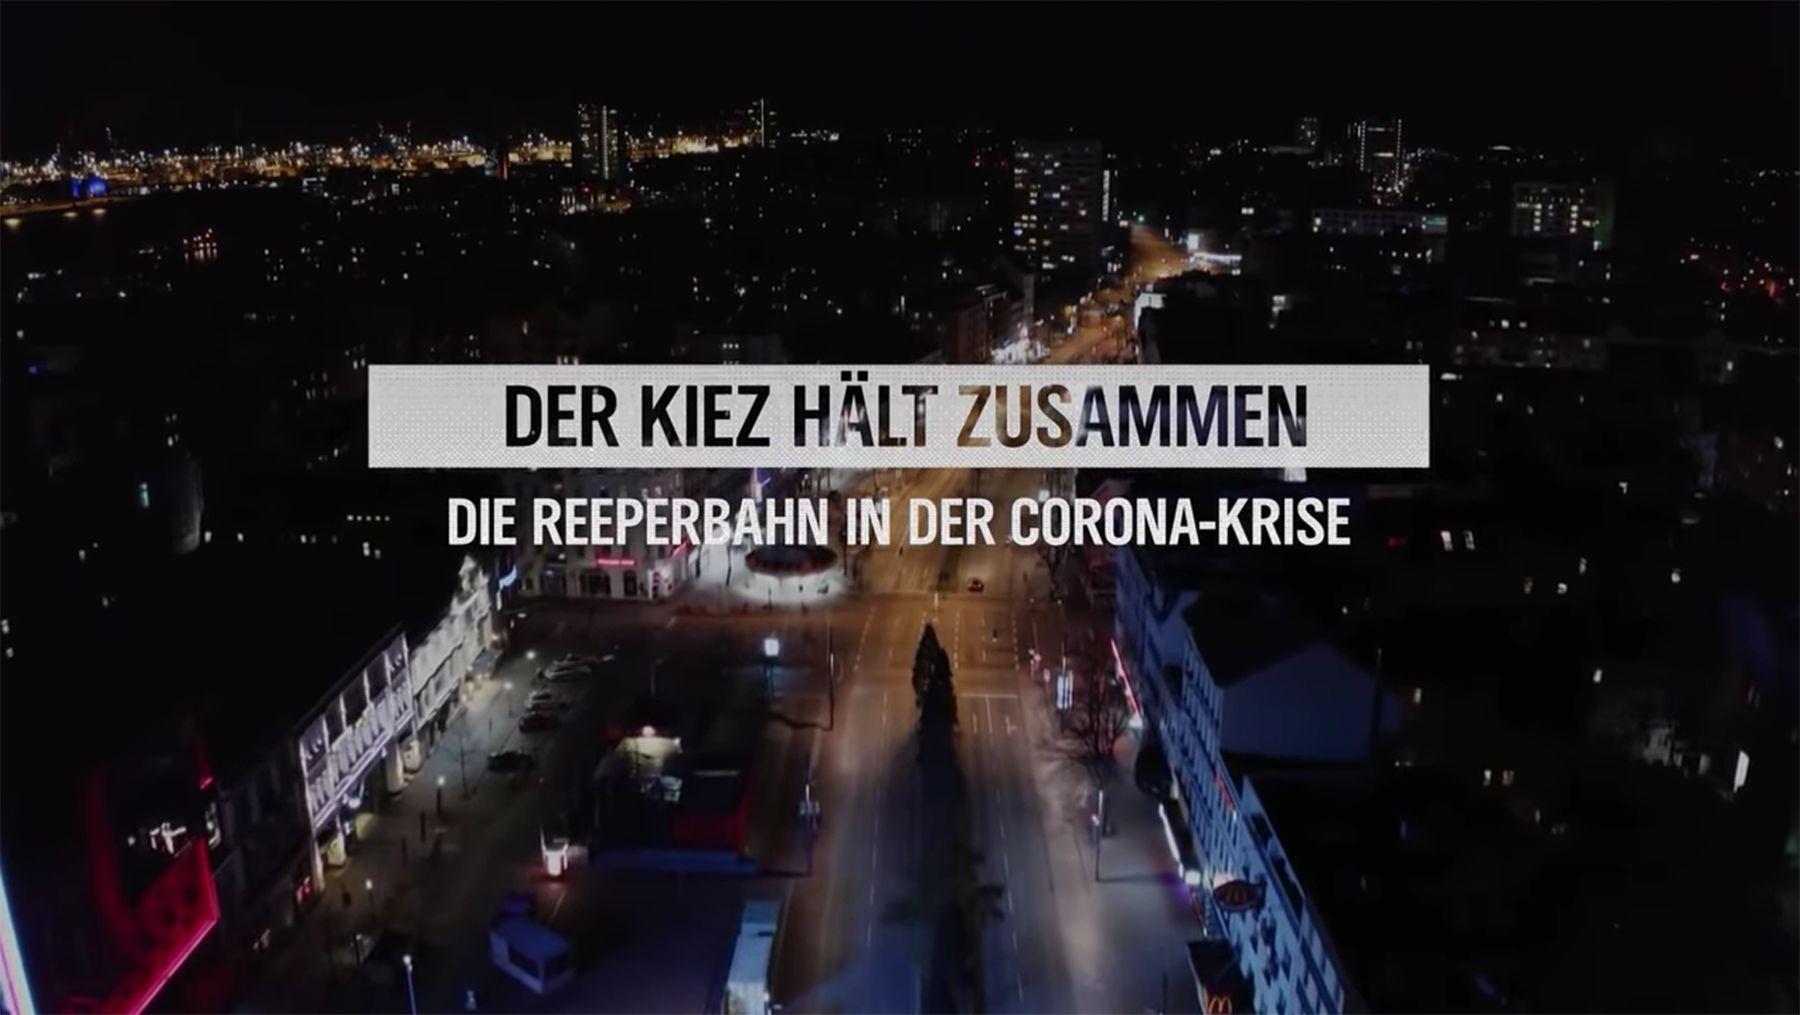 Hamburg: Die Reeperbahn in der Corona-Krise | Menschen | Was is hier eigentlich los?